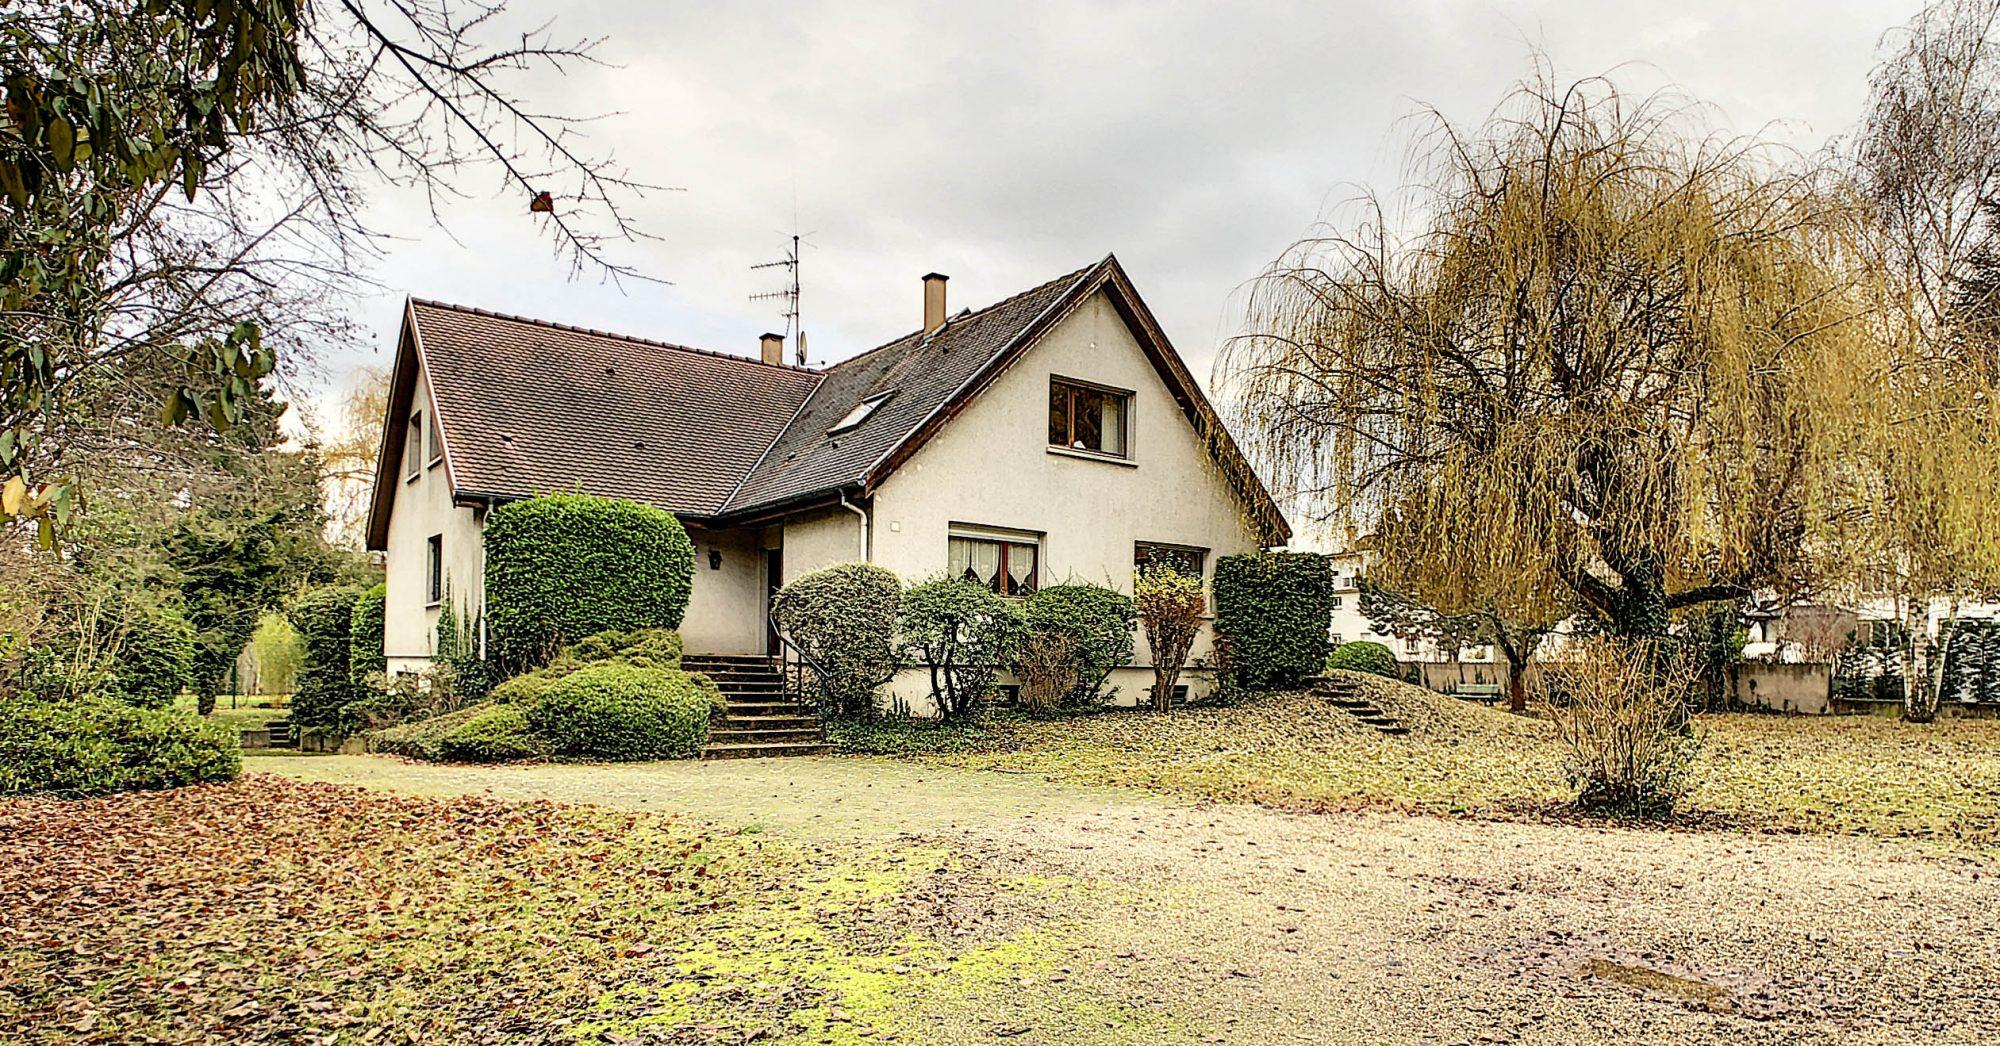 Maison individuelle 8 pièces de 250m2 à Illkirch-Graffenstaden - Devenez propriétaire en toute confiance - Bintz Immobilier - 2